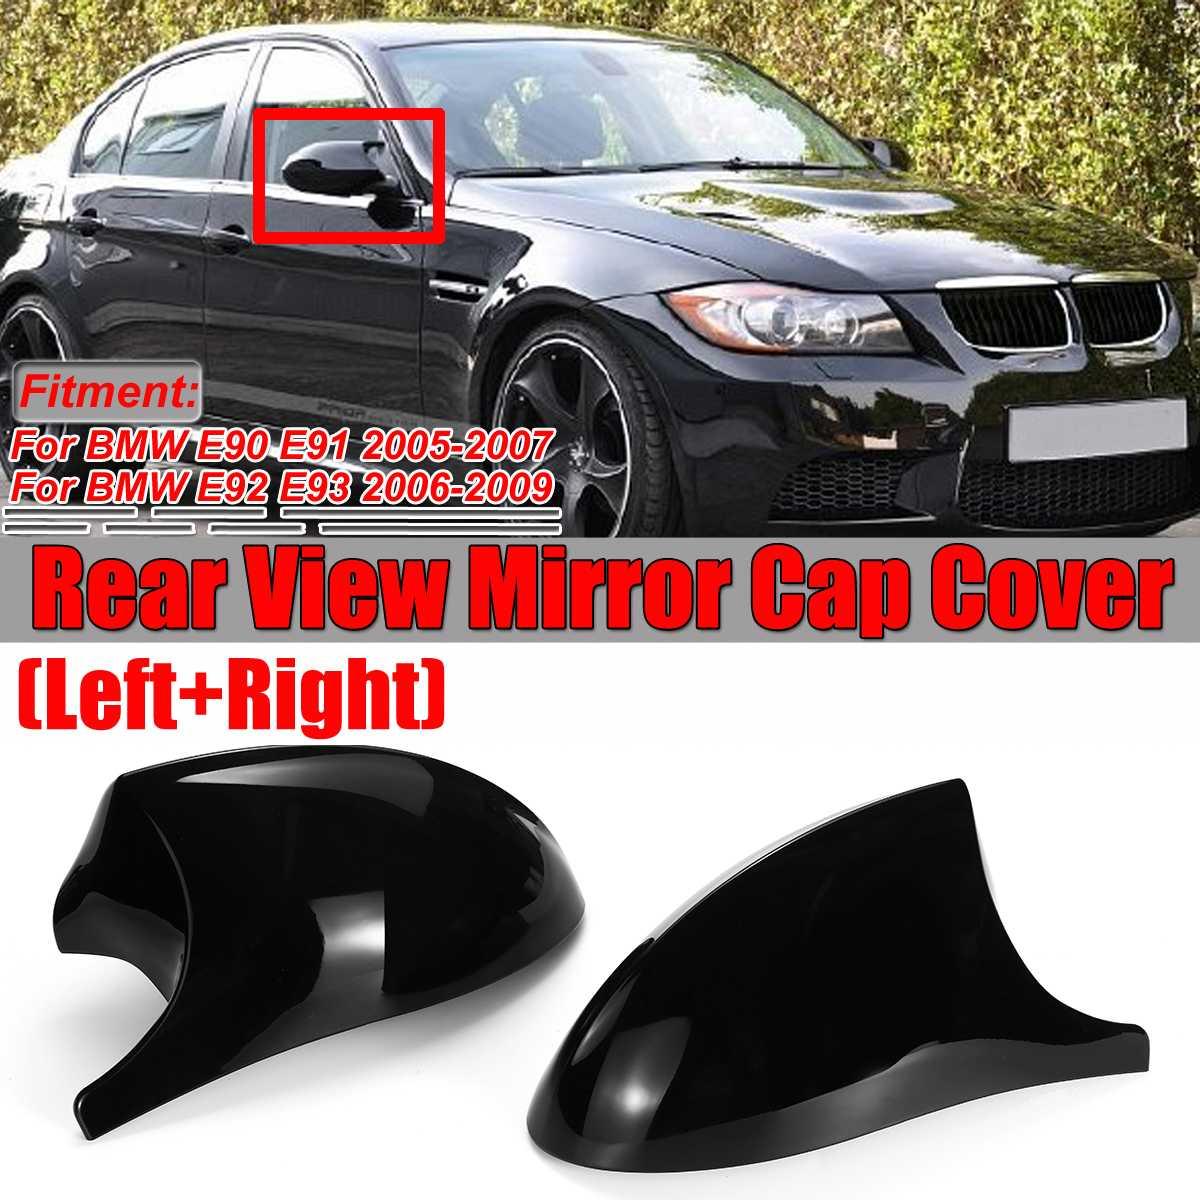 2x אמיתי סיבי פחמן/ABS מראה כיסוי E90 רכב צד Rearview צד מראה כיסוי כובע עבור BMW E90 E91 e92 E93 M3 סגנון E80 E81 E87